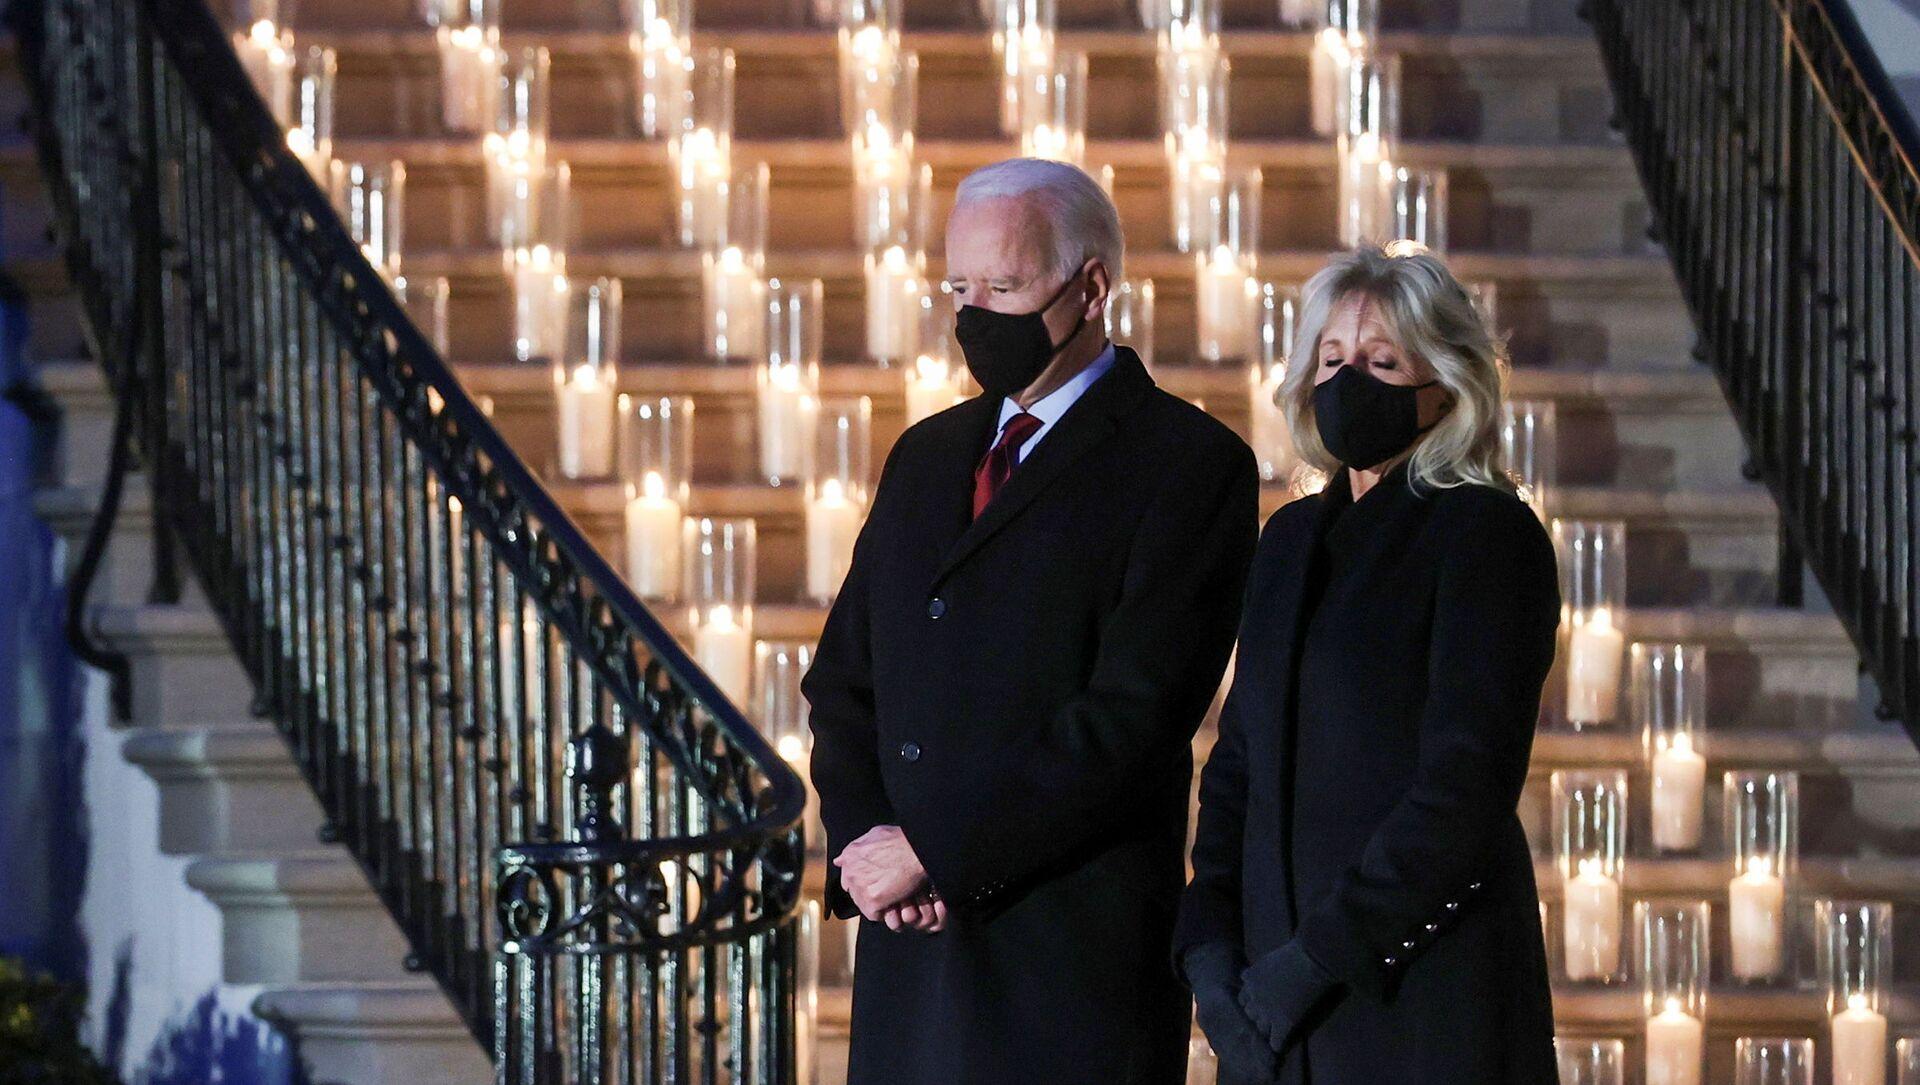 Americký prezident Joe Biden a jeho manželka Jill Bidenová se zúčastnili minutu ticha a ceremonie zapálení svíčky u příležitosti pochmurného milníku 500 000 úmrtí v USA na koronavirovou chorobu (covid-19) u Bílého domu ve Washingtonu, USA, 22. února 2021 - Sputnik Česká republika, 1920, 23.02.2021